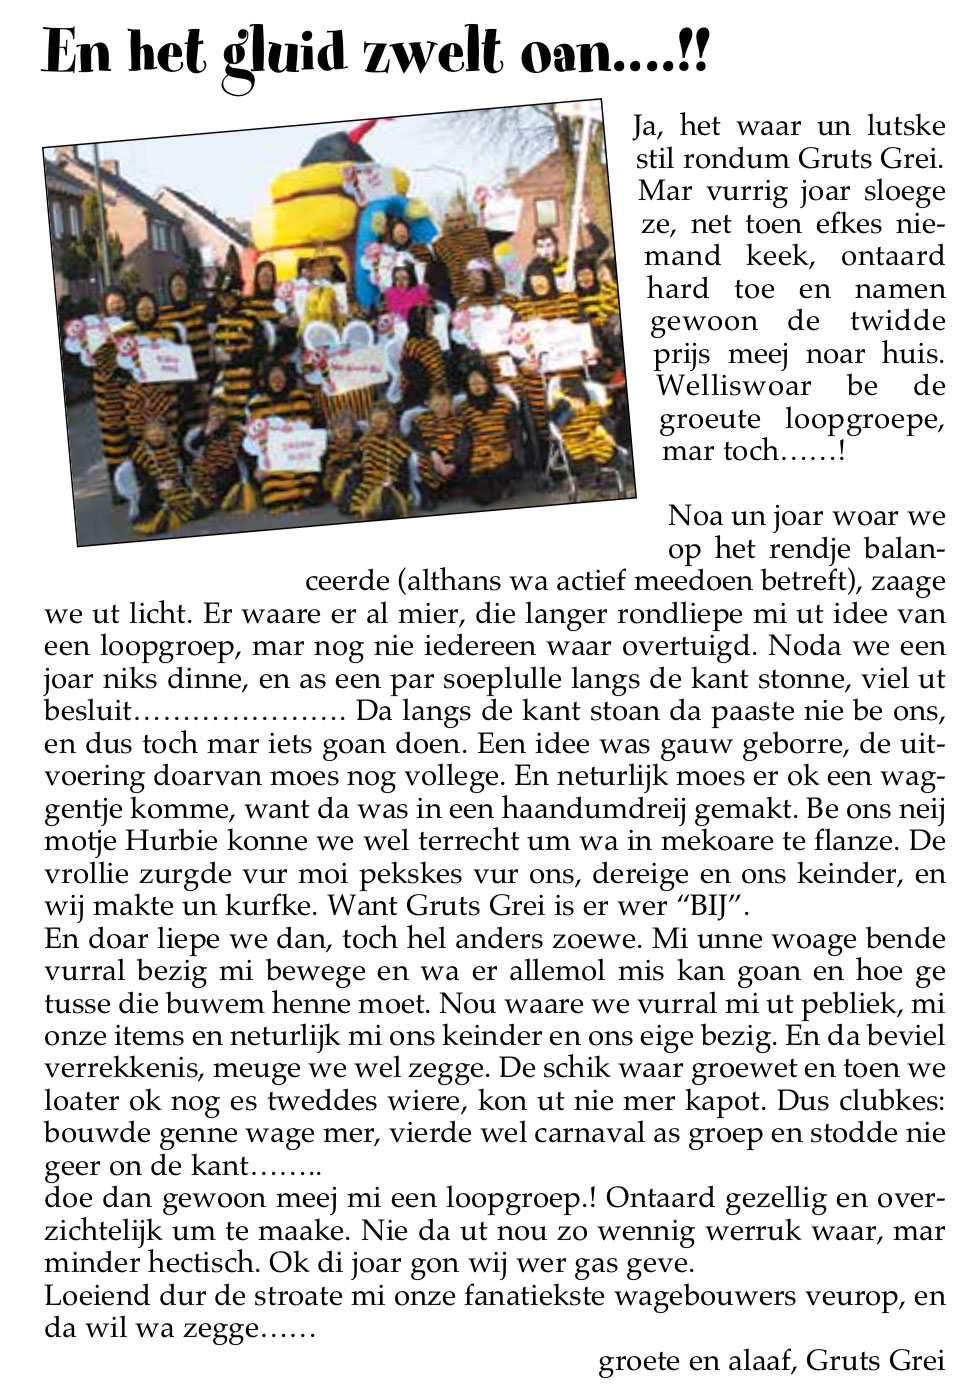 Stukje uit de carnavalskrant van Gruts Grei - 2006